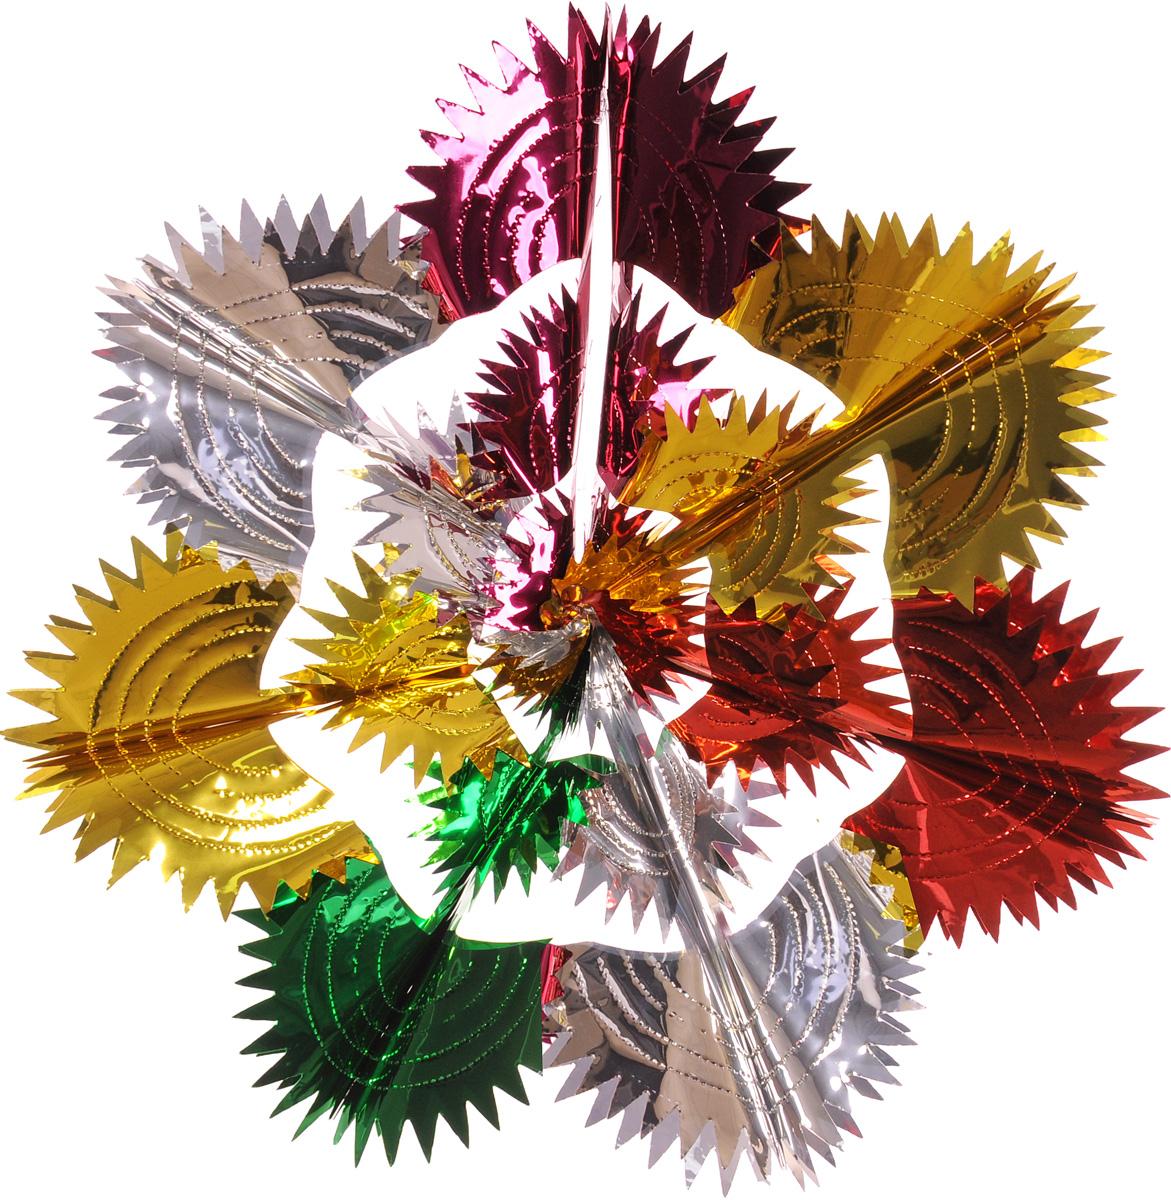 Украшение новогоднее подвесное Winter Wings Сияние, диаметр 60 смN09178Новогоднее подвесное украшение Winter Wings Сияние, выполненное из ПВХ в виде разноцветной ажурной снежинки, прекрасно подойдет для праздничного декора дома. С помощью специальной петельки украшение можно подвесить в любом понравившемся вам месте. Легко складывается и раскладывается.Новогодние украшения несут в себе волшебство и красоту праздника. Они помогут вам украсить дом к предстоящим праздникам и оживить интерьер по вашему вкусу. Создайте в доме атмосферу тепла, веселья и радости, украшая его всей семьей.